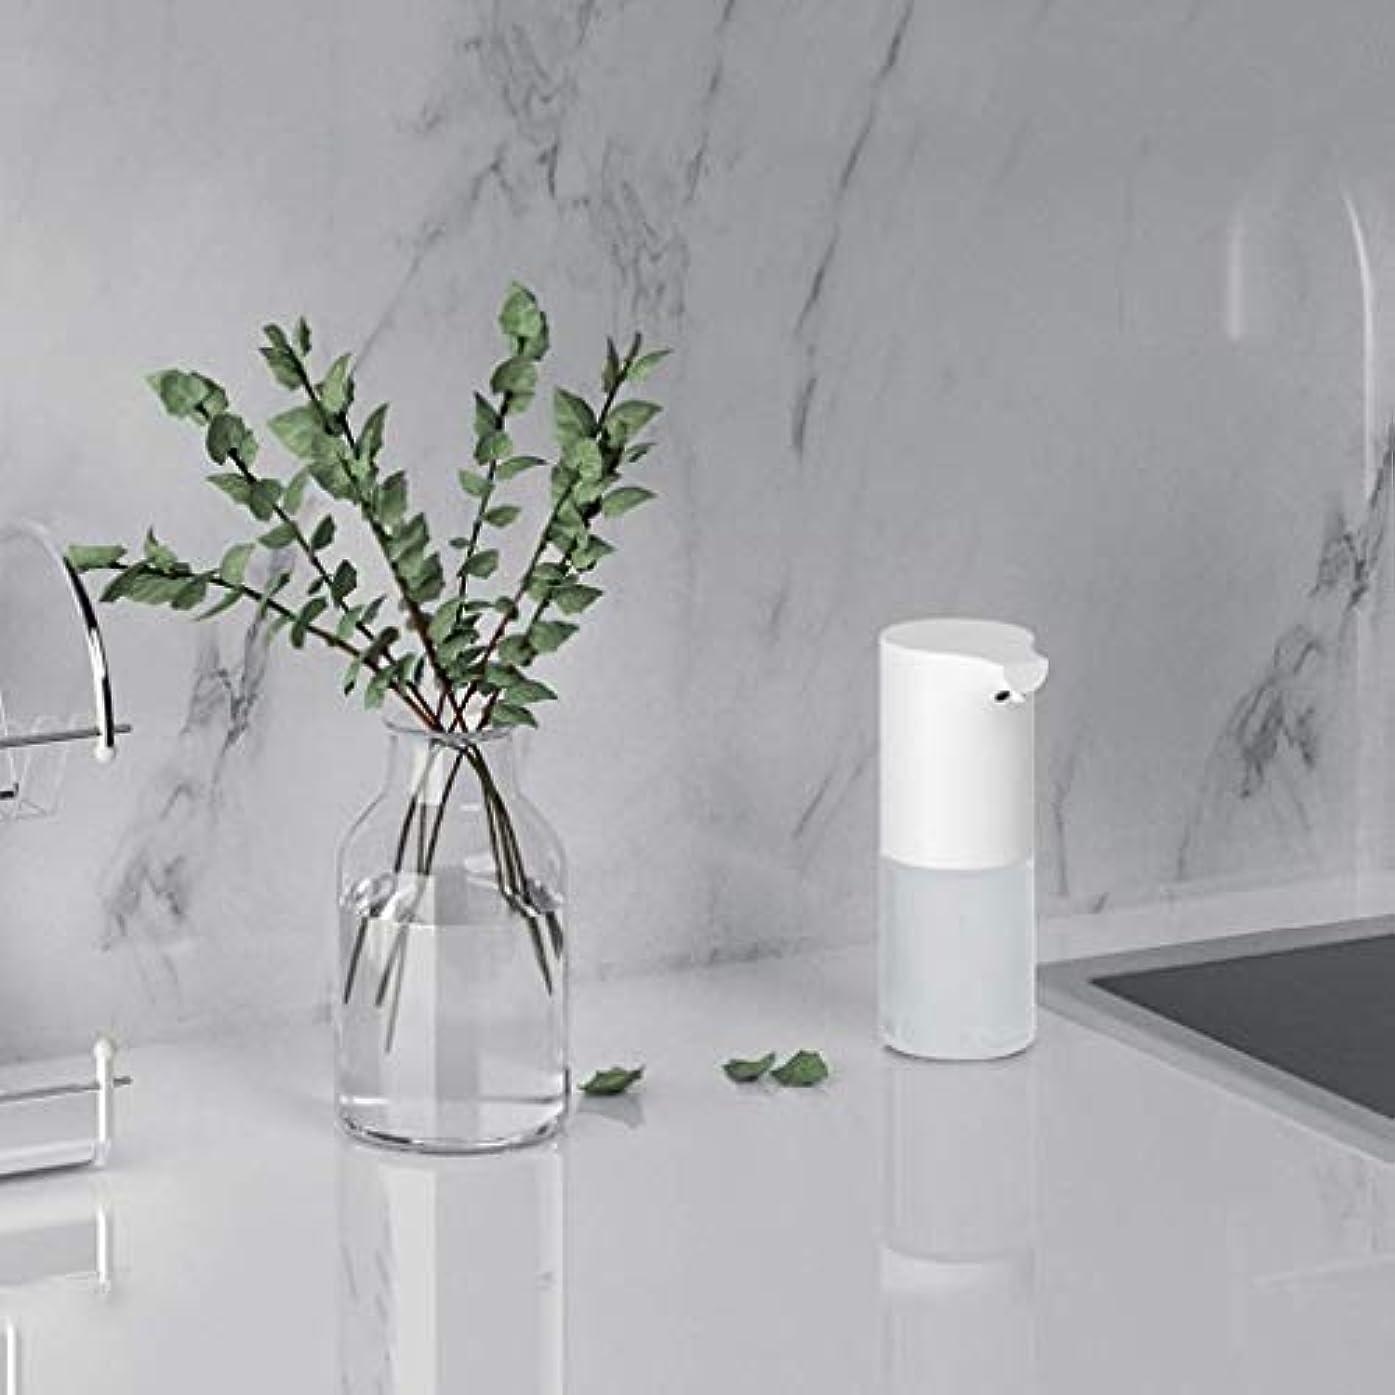 ストッキング廃棄ロッジ赤外線センサー泡手消毒剤320ミリリットル環境保護素材石鹸ボトルキッチンバスルームローション(色:白、サイズ:19 * 9.8 * 7.3 cm) (Color : White, Size : 19*9.8*7.3cm)